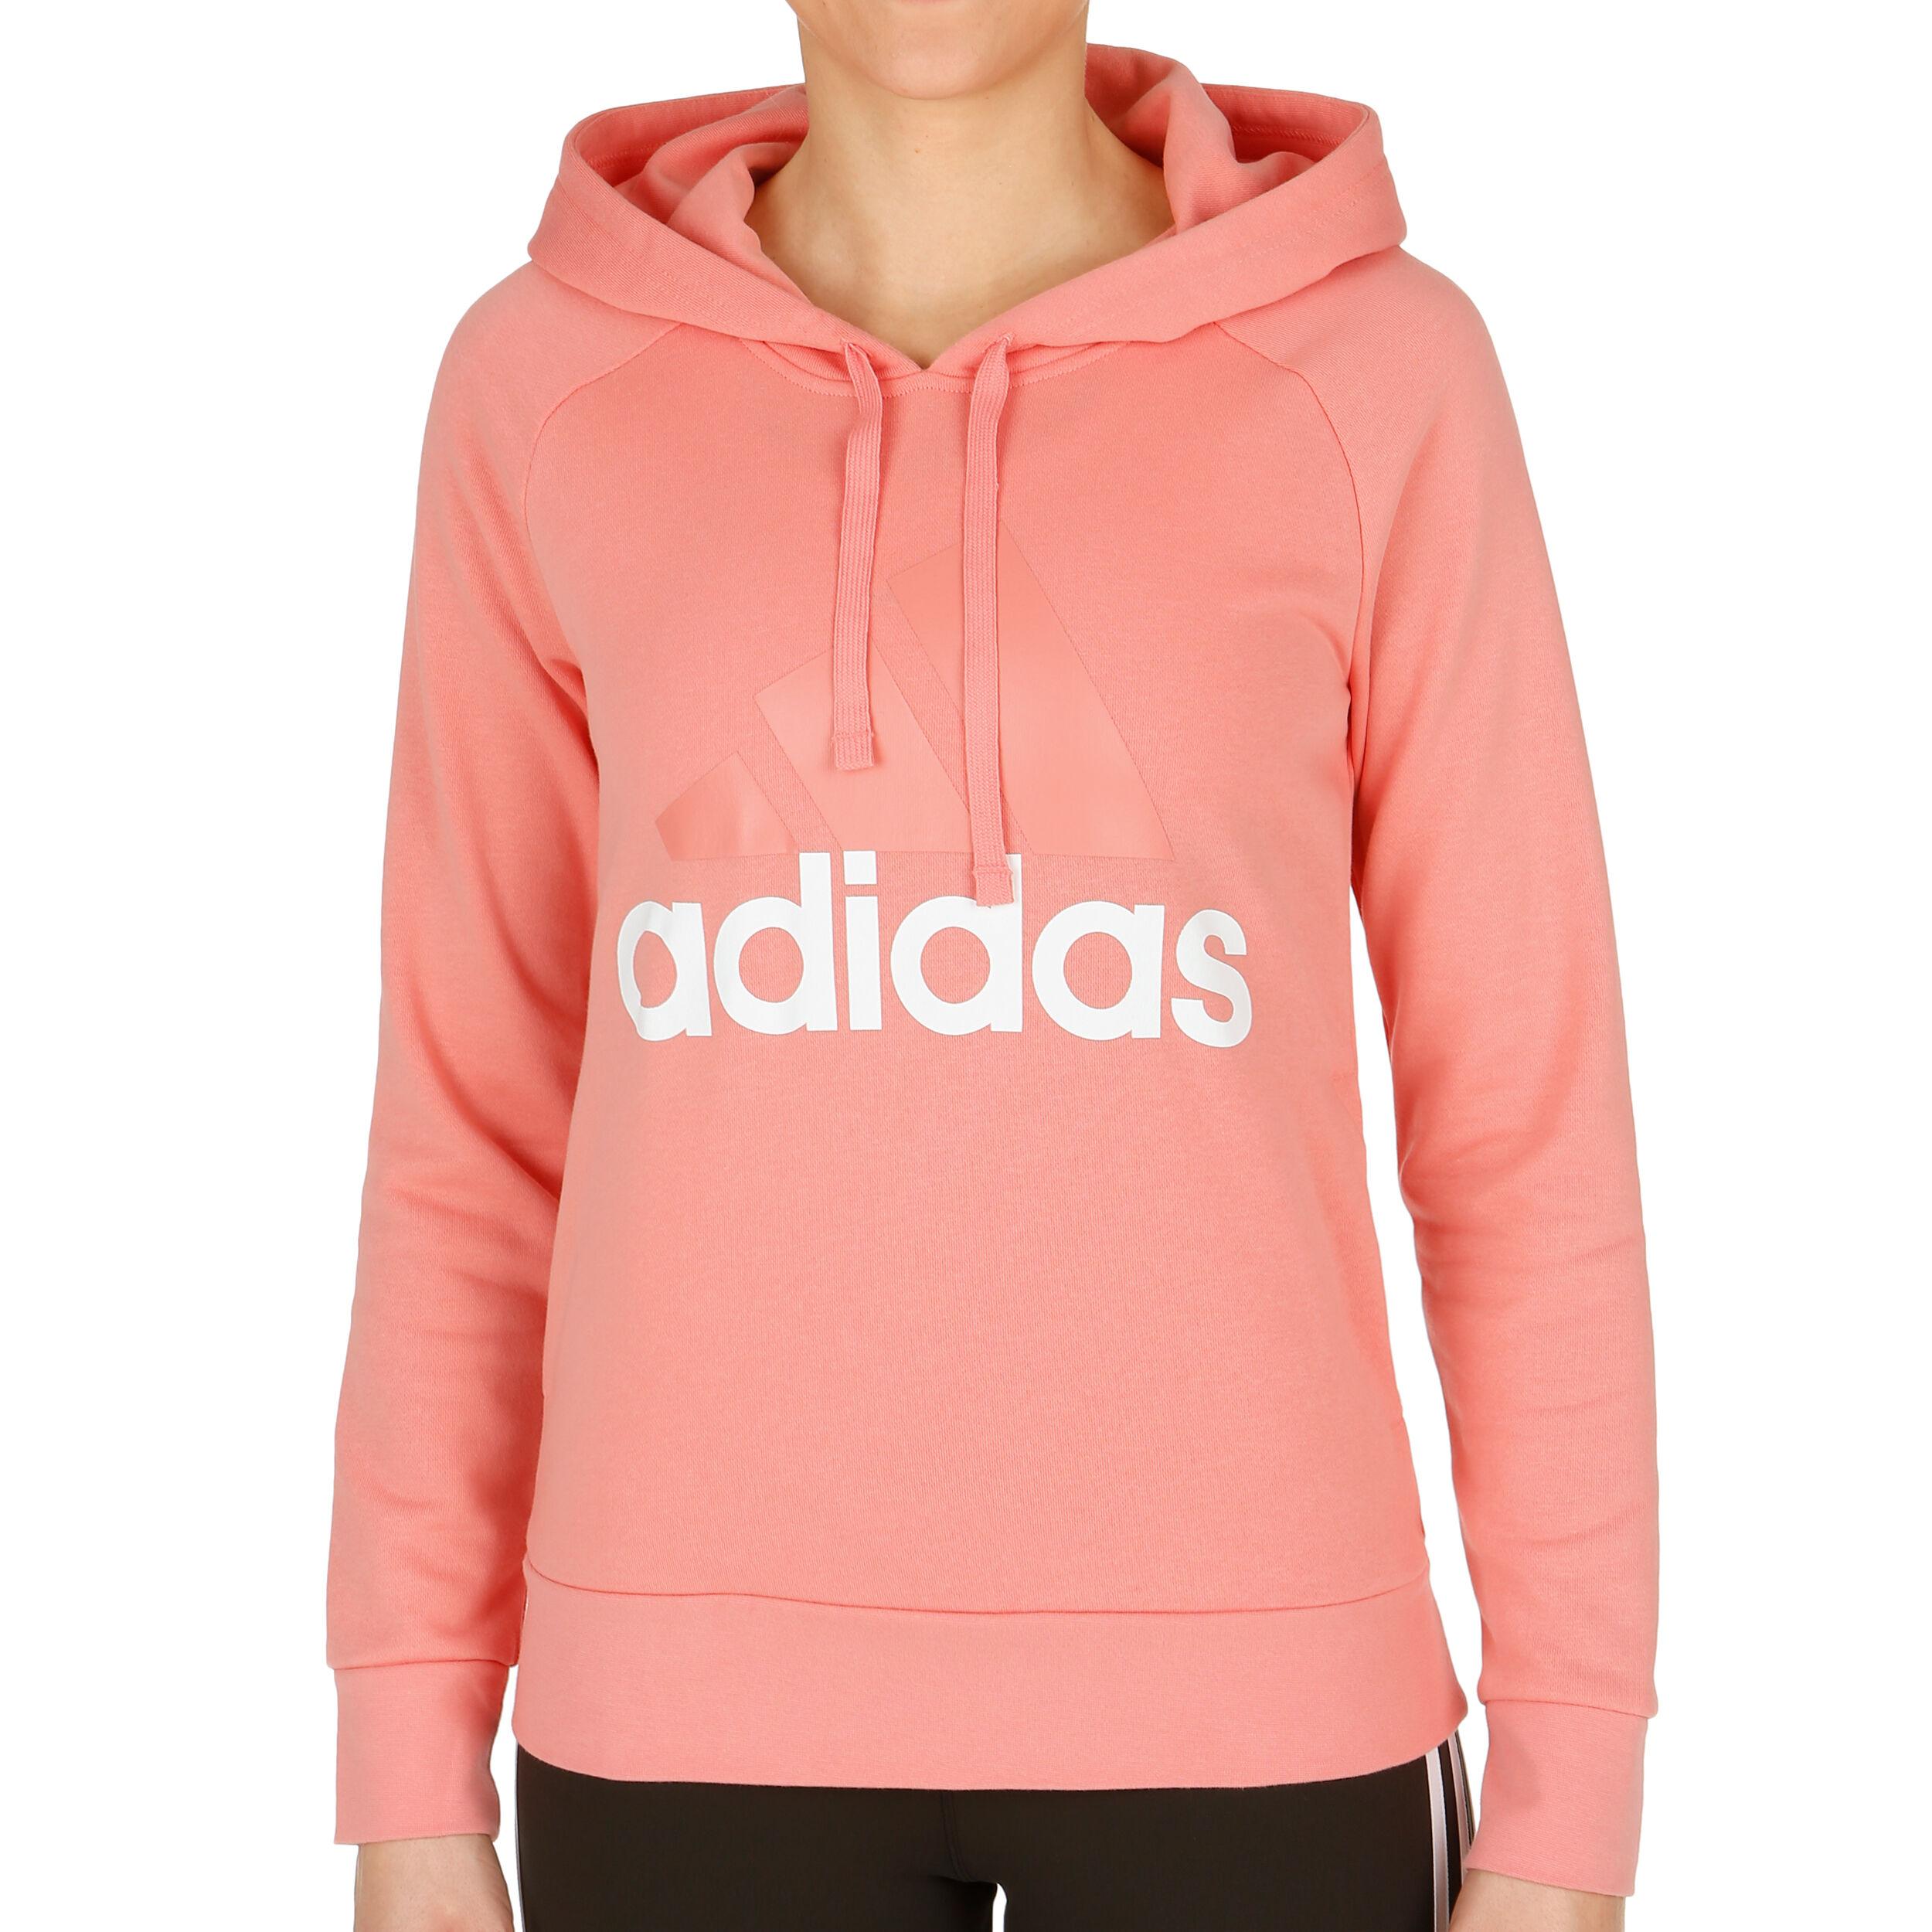 adidas Essentials Linear Huvtröja Damer Rosa köp online